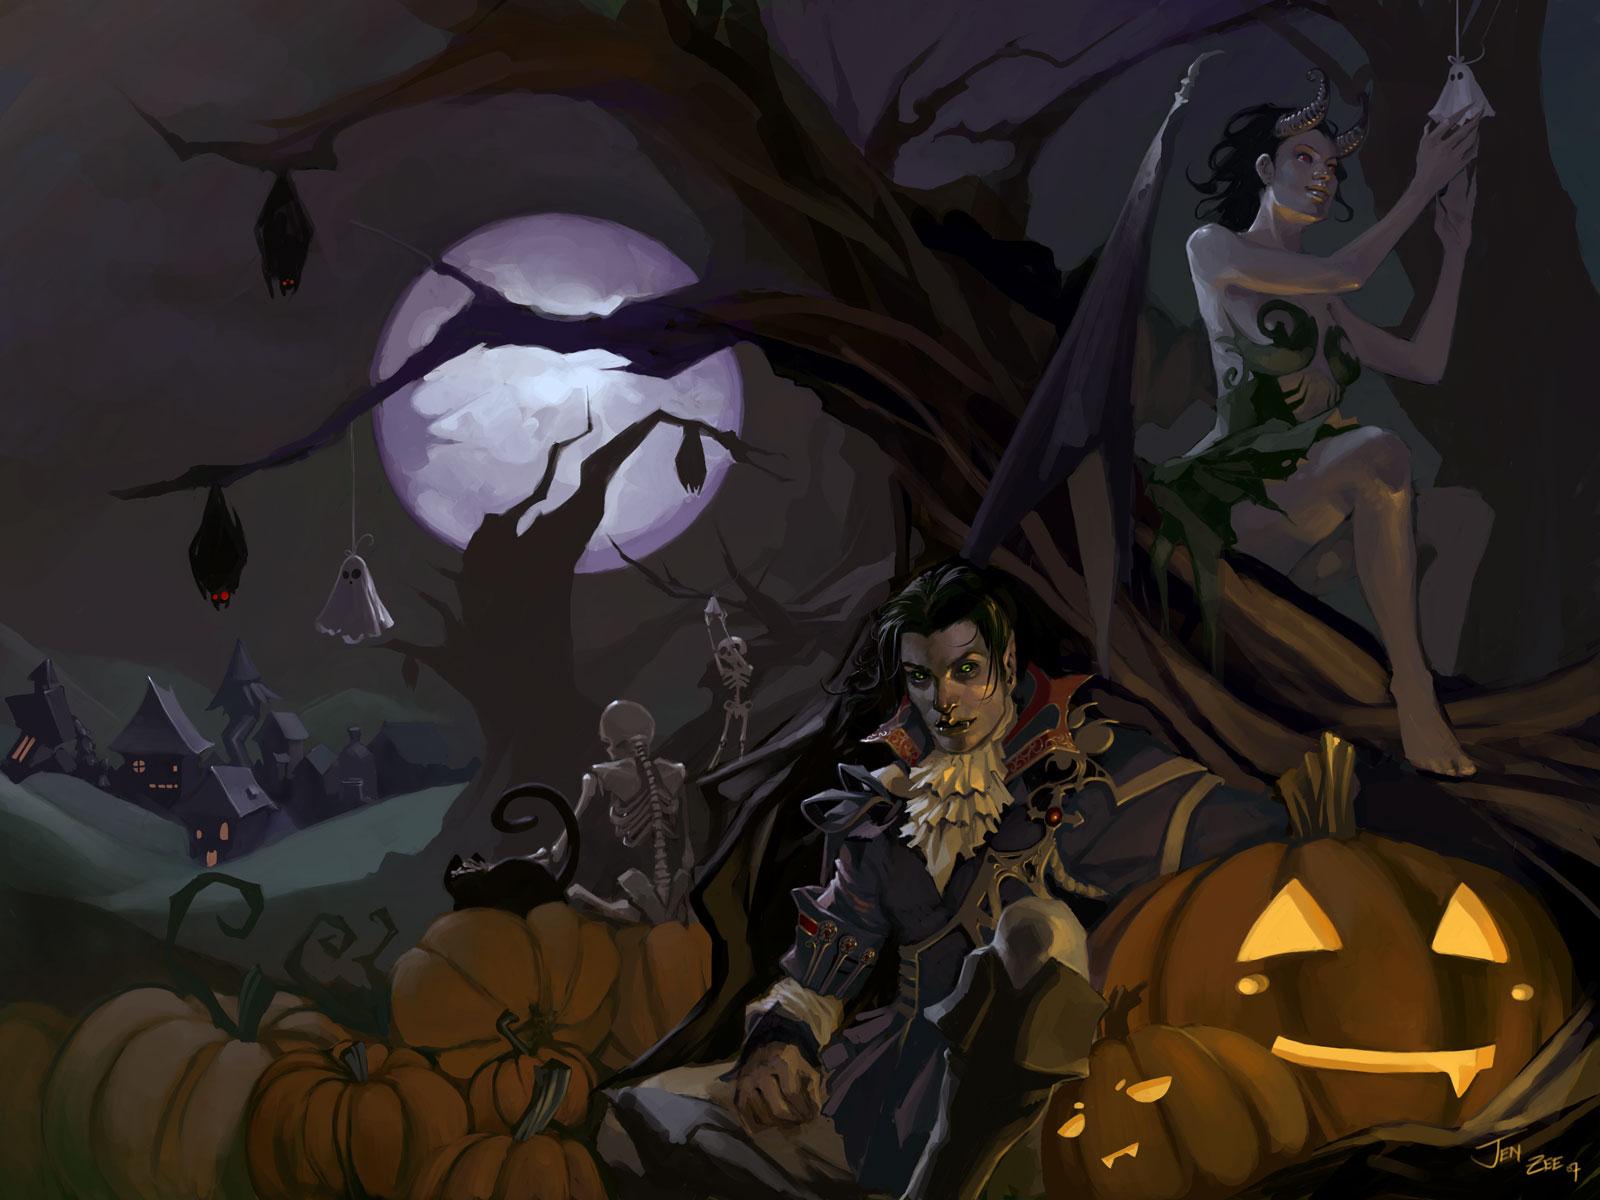 http://3.bp.blogspot.com/-QAONaCqDzxM/TqbTvtL1ZmI/AAAAAAAAAss/D4D6-BRUXX8/s1600/Halloween_wallpapers.jpg